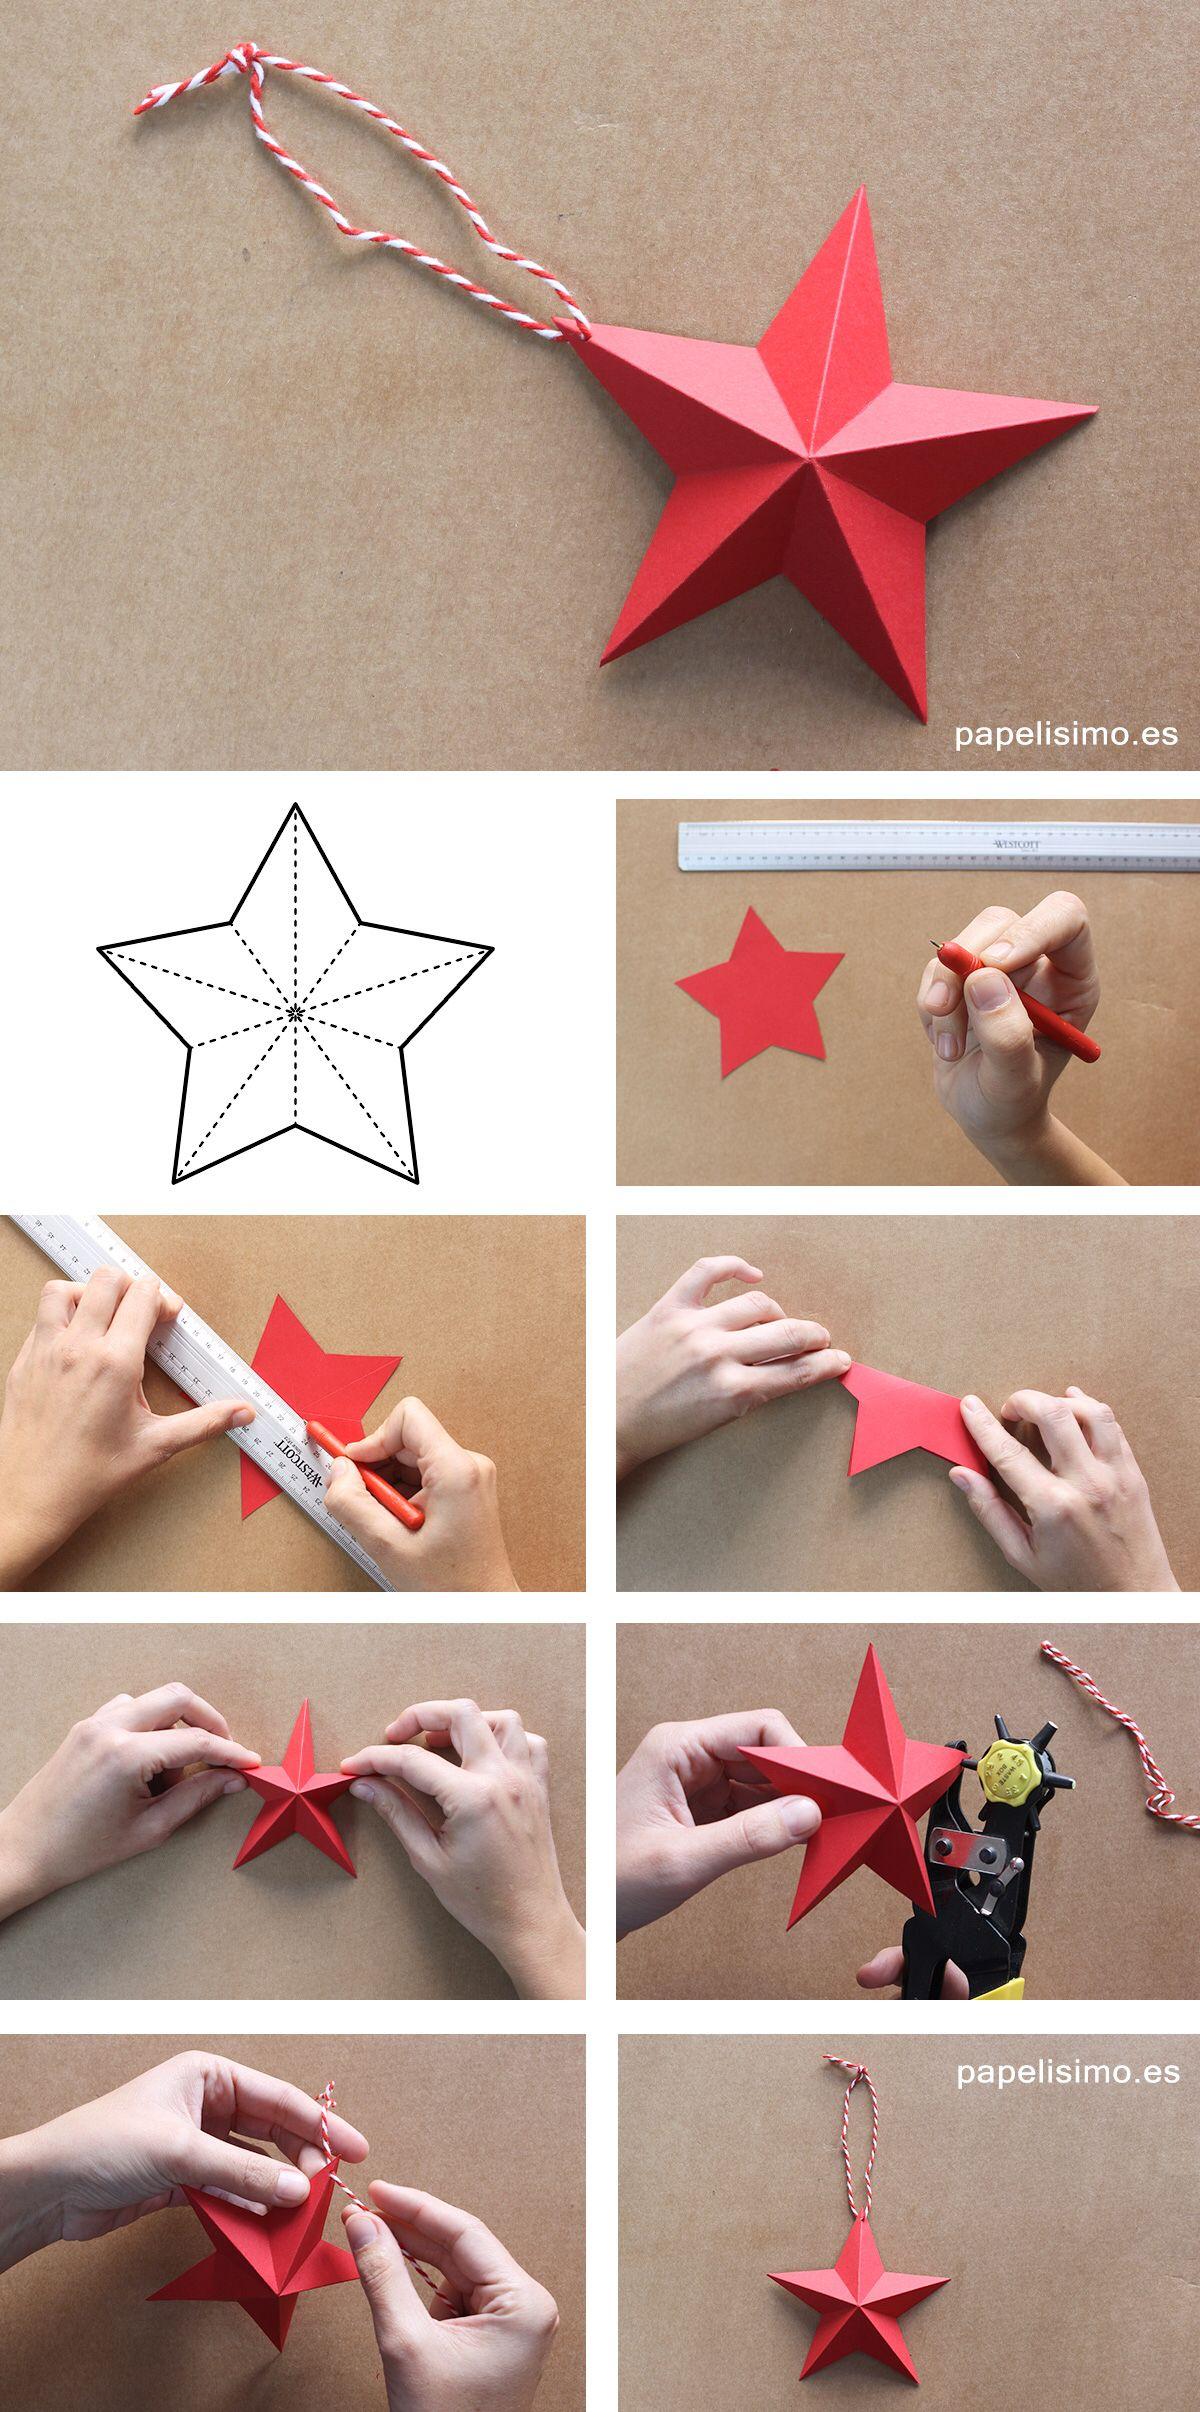 Cmo hacer estrellas de cartulina o papel grueso decoracin